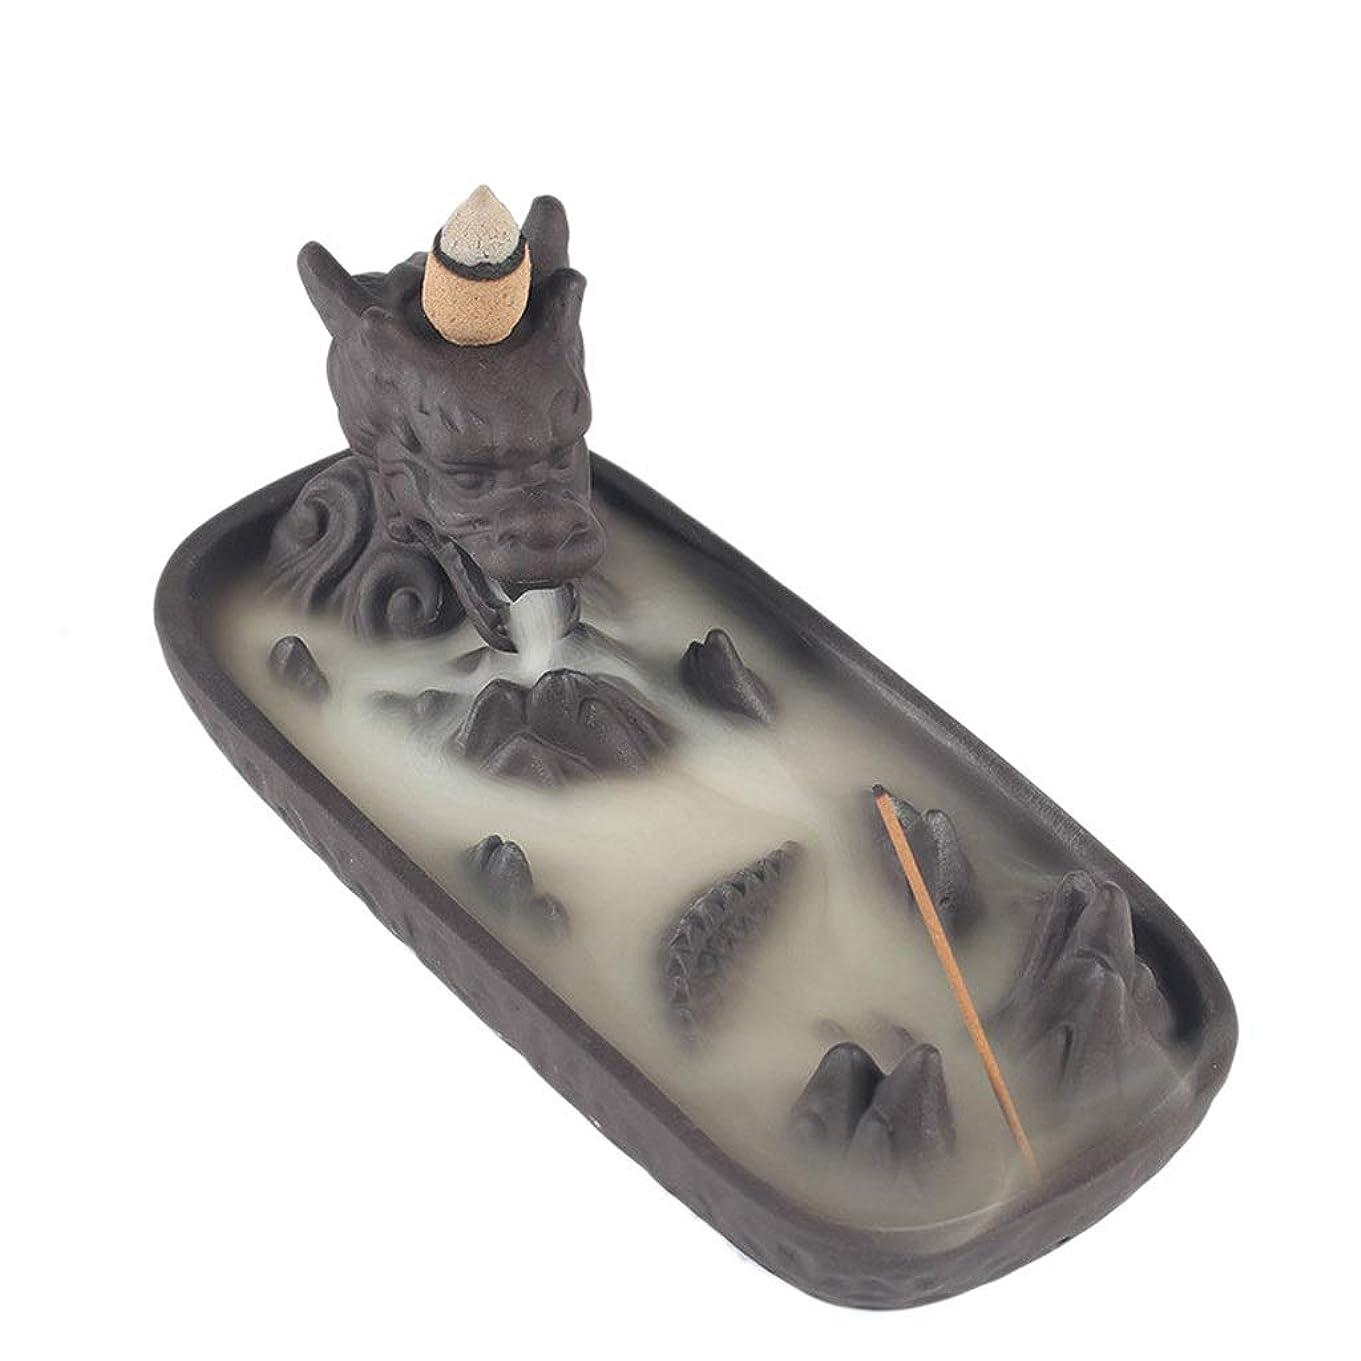 クラフトメアリアンジョーンズ拷問セラミックドラゴンセンサー家の装飾クリエイティブ煙逆流香バーナー香スティックホルダー香コーン香香ホルダー (Color : Gray, サイズ : 6.61*3.14*2.67 inches)